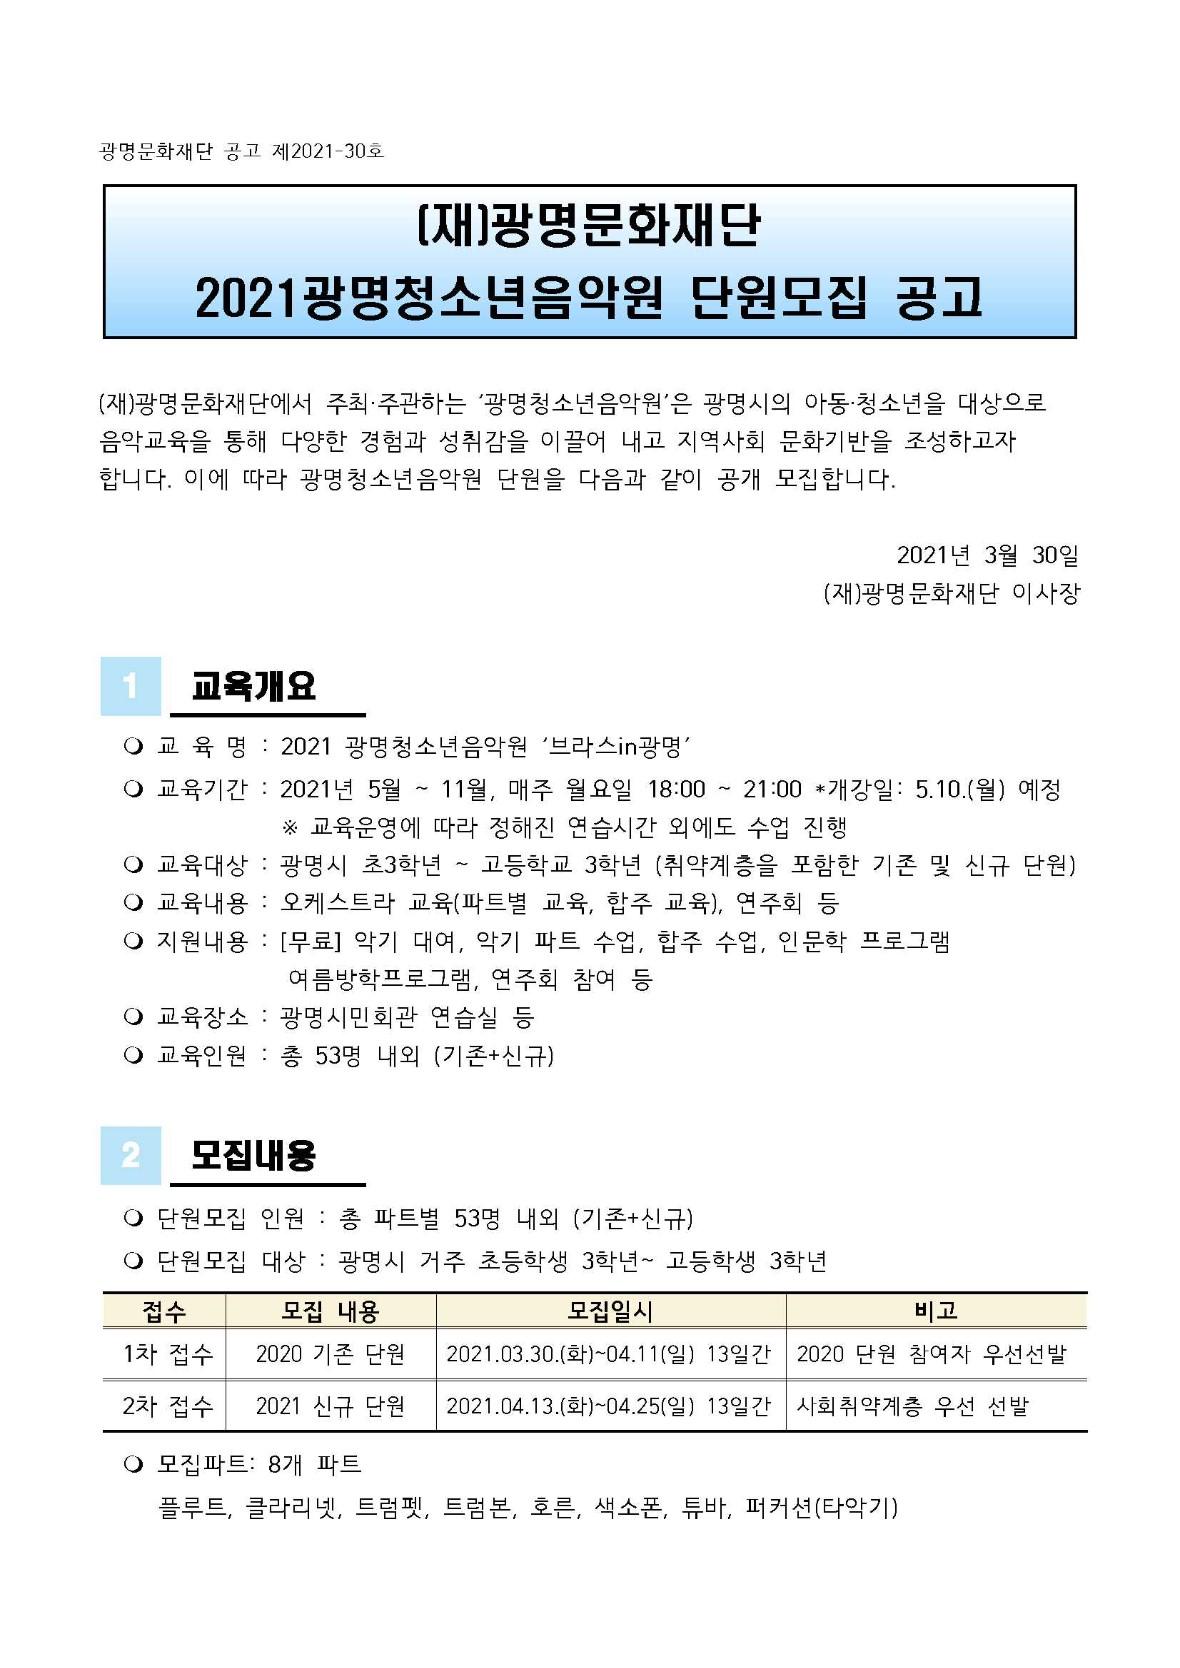 1.(공고)광명문화재단 2021광명청소년음악원 단원모집(0330)_1.jpg